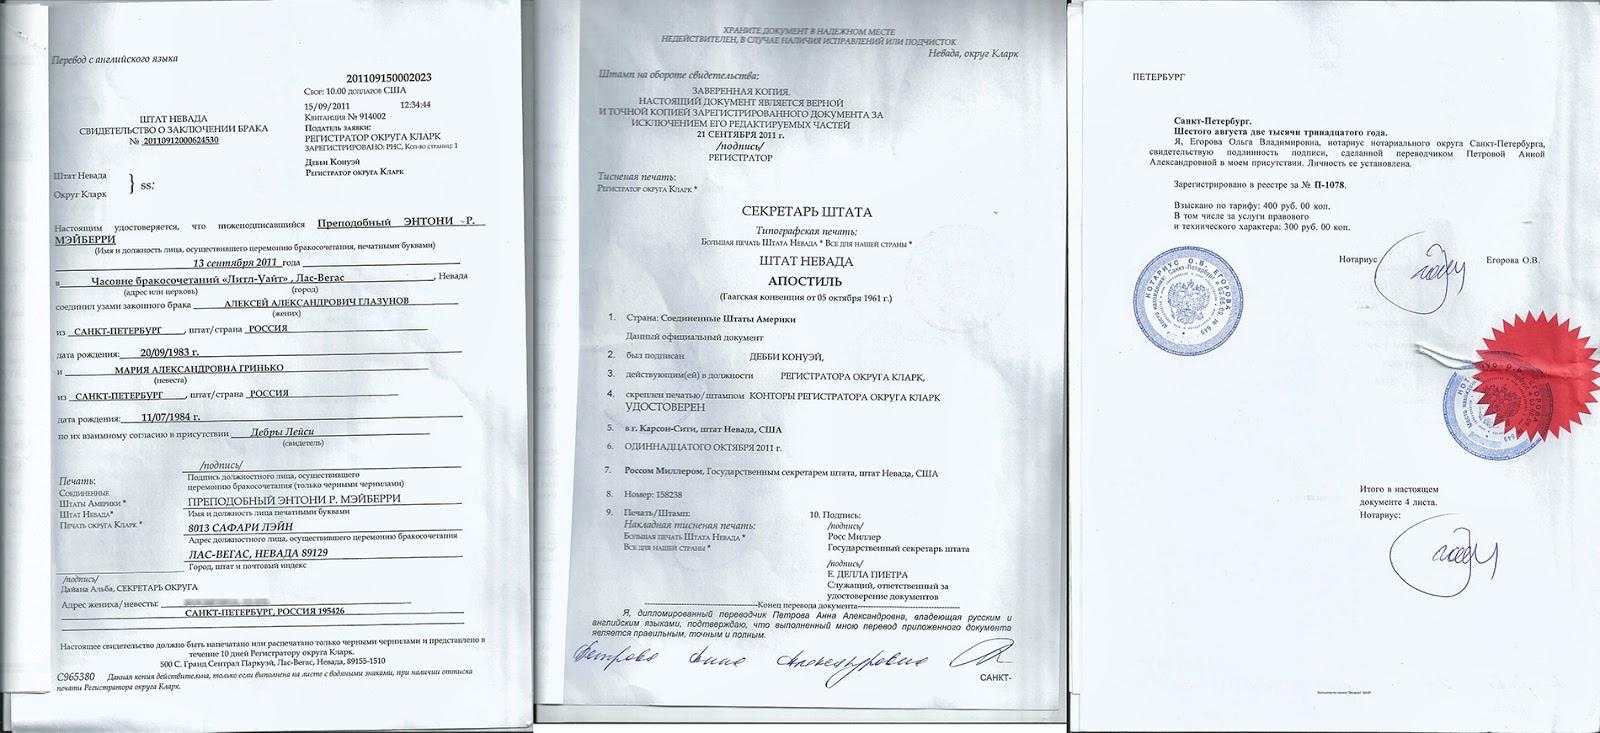 Заверенный перевод документов на русский язык